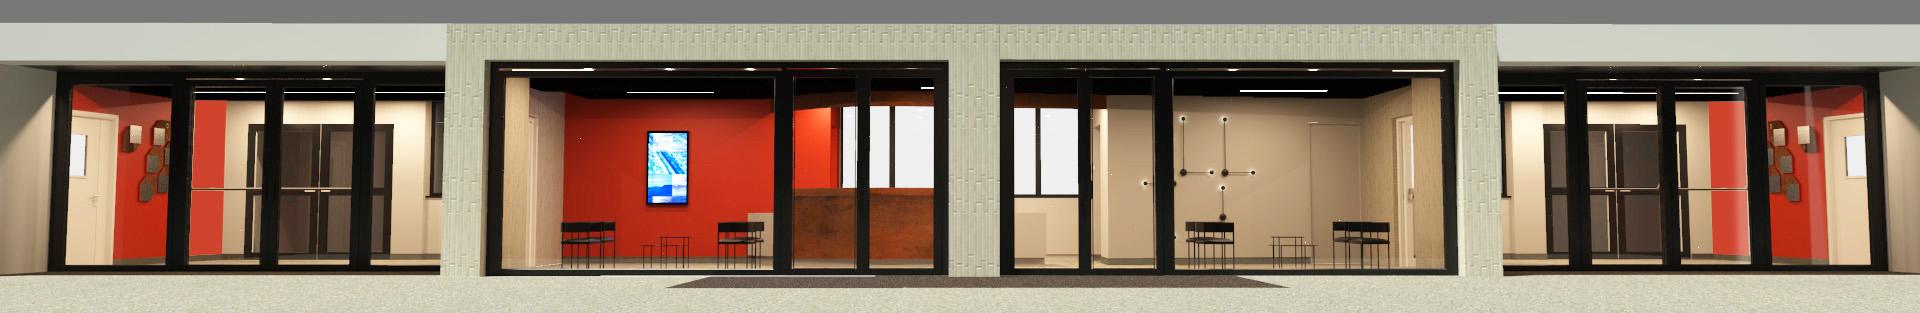 interior-design-office-design-reception-roma-studio-architettura-forniti-fad-11